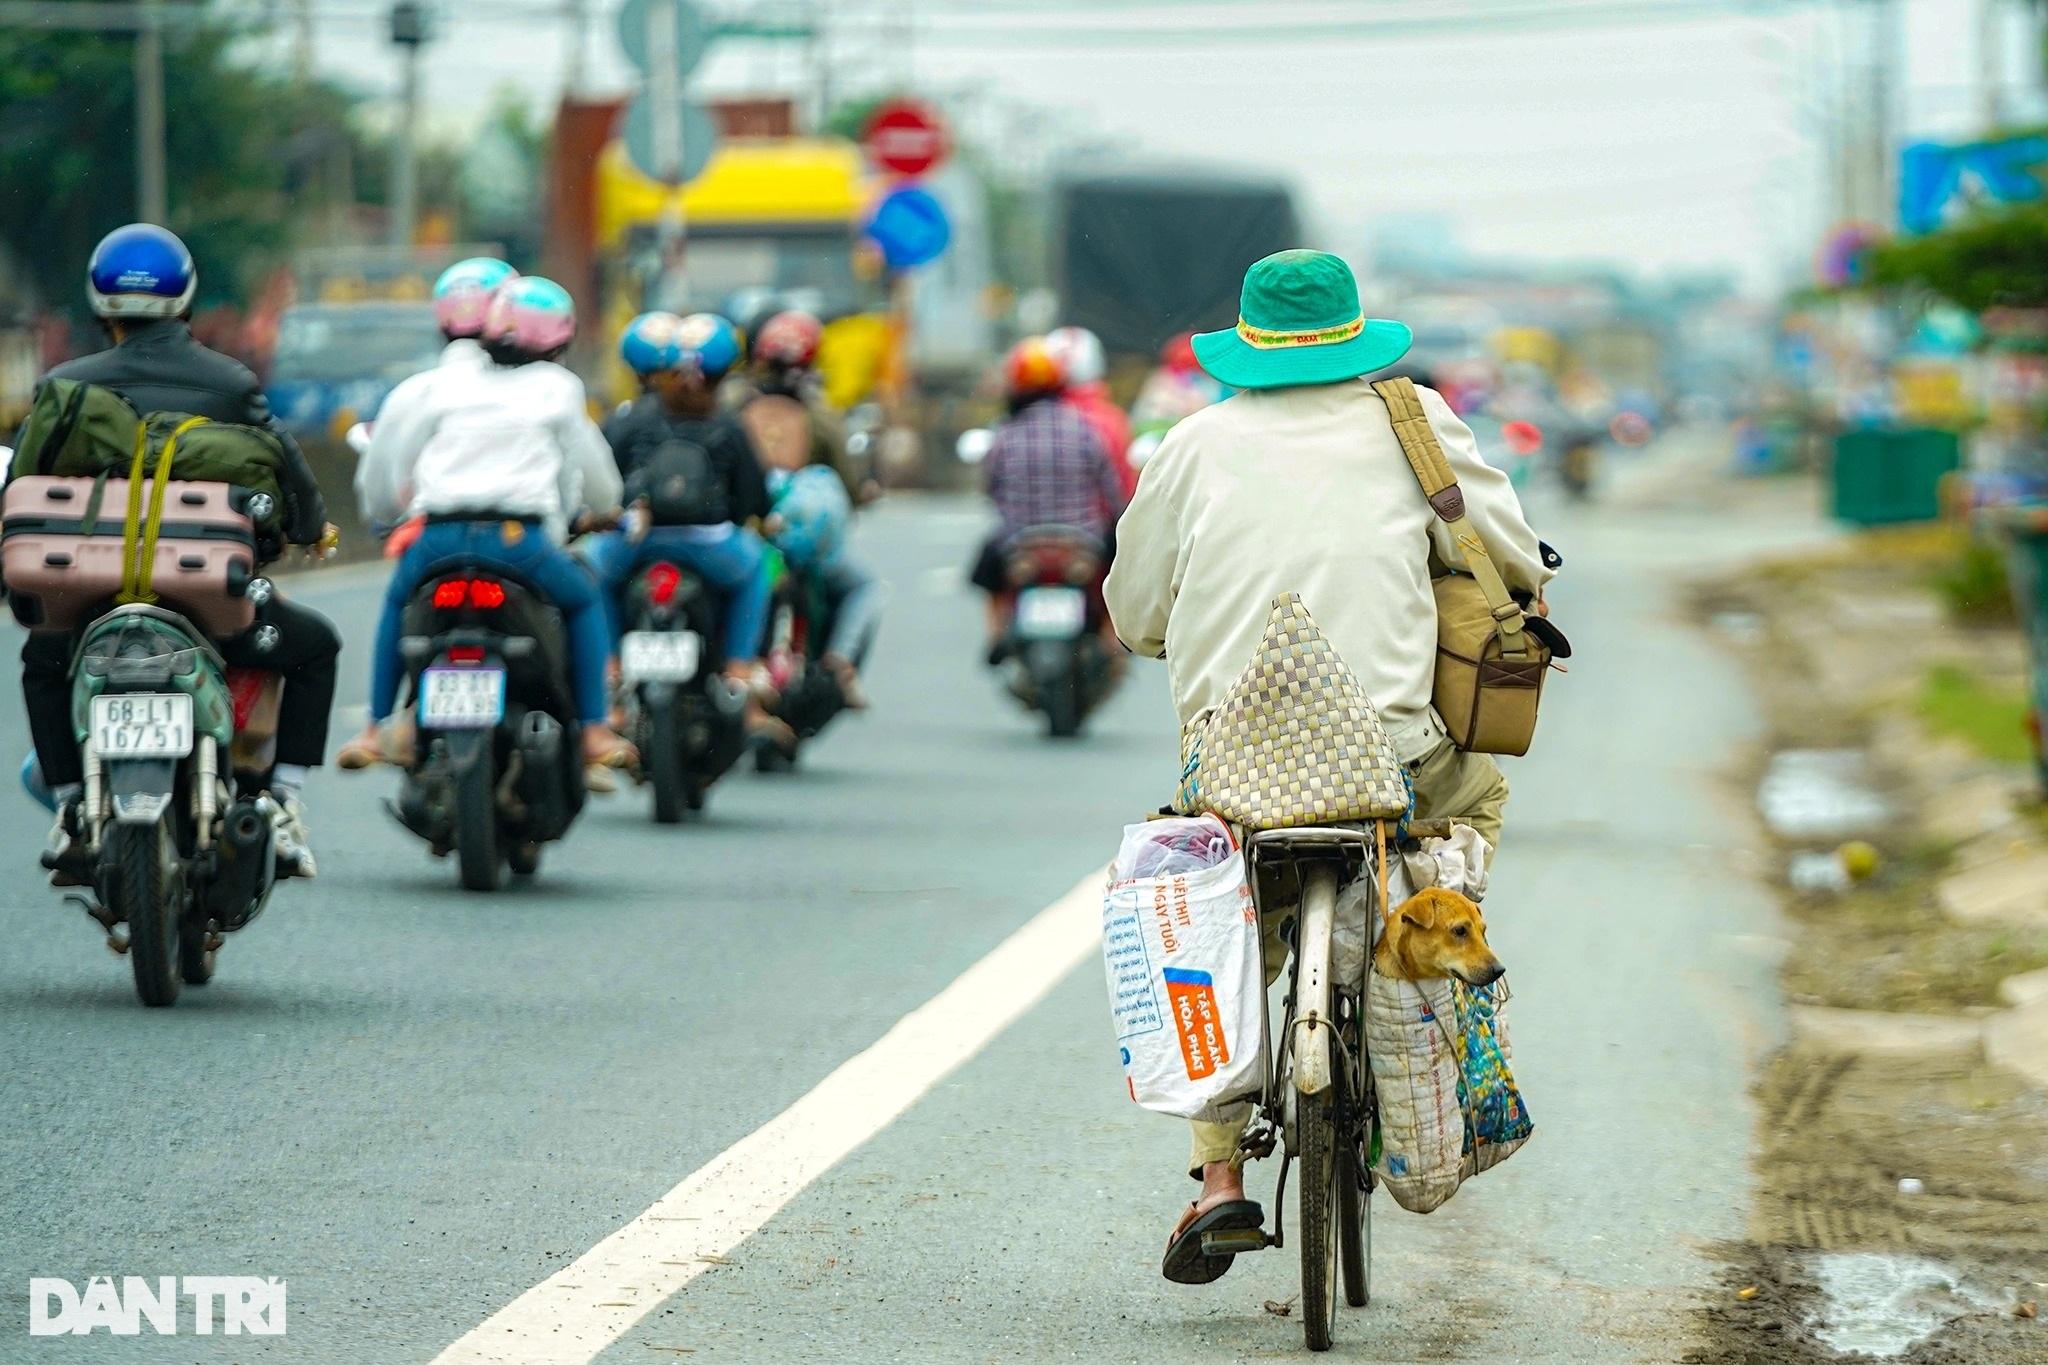 Rưng rưng cảnh lão Hạc đạp xe chở cậu  Vàng từ TPHCM về quê Bến Tre - 1